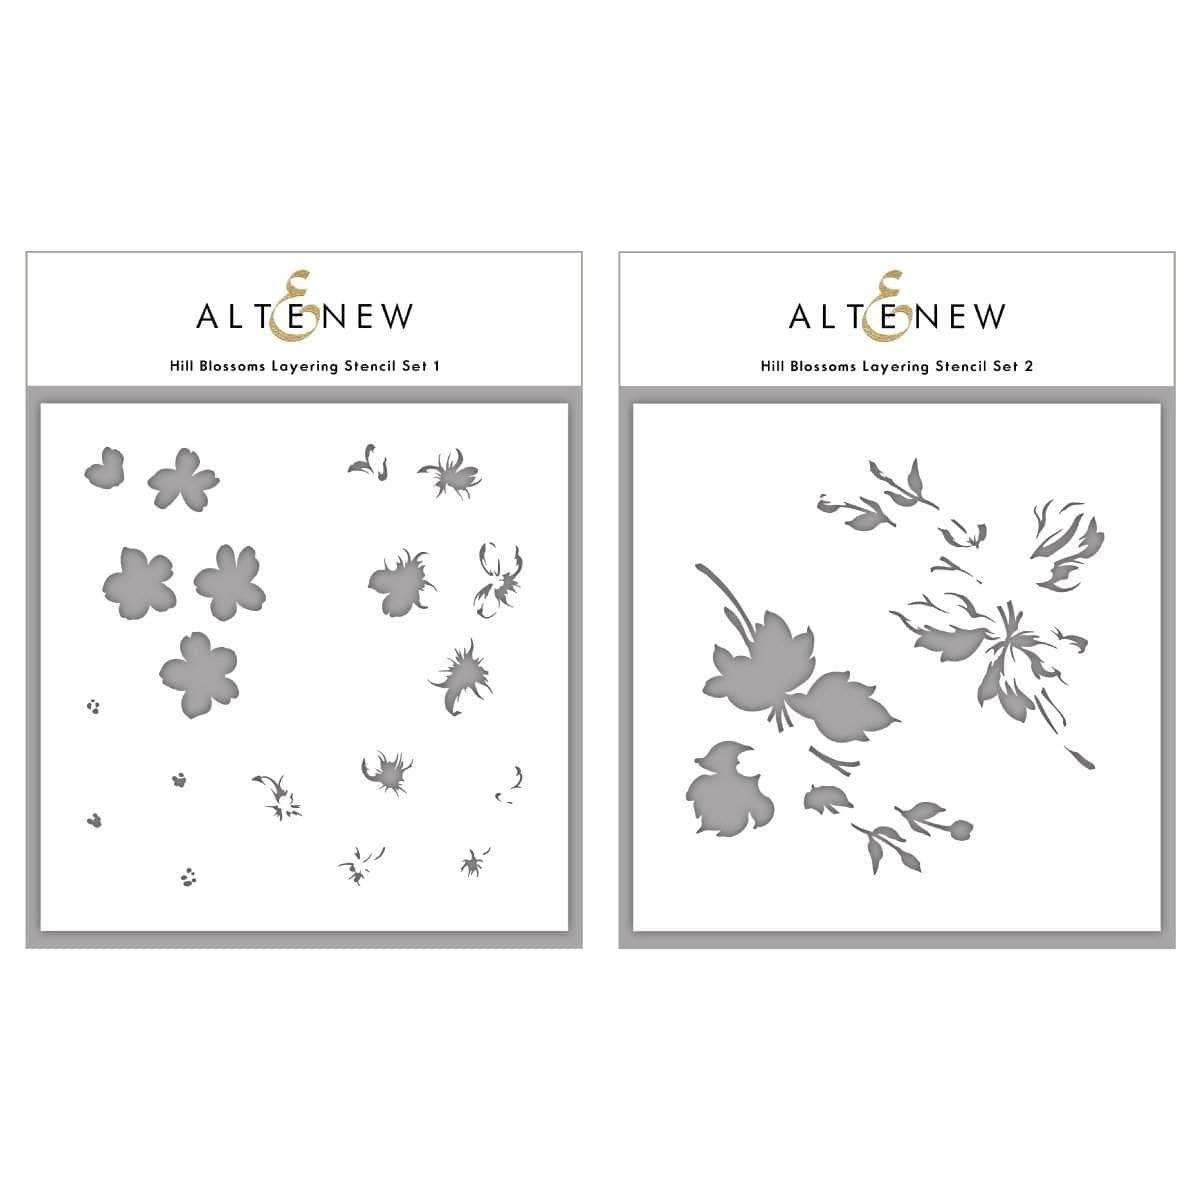 Altenew - Hill Blossoms Layering Stencil Set (2 in 1)